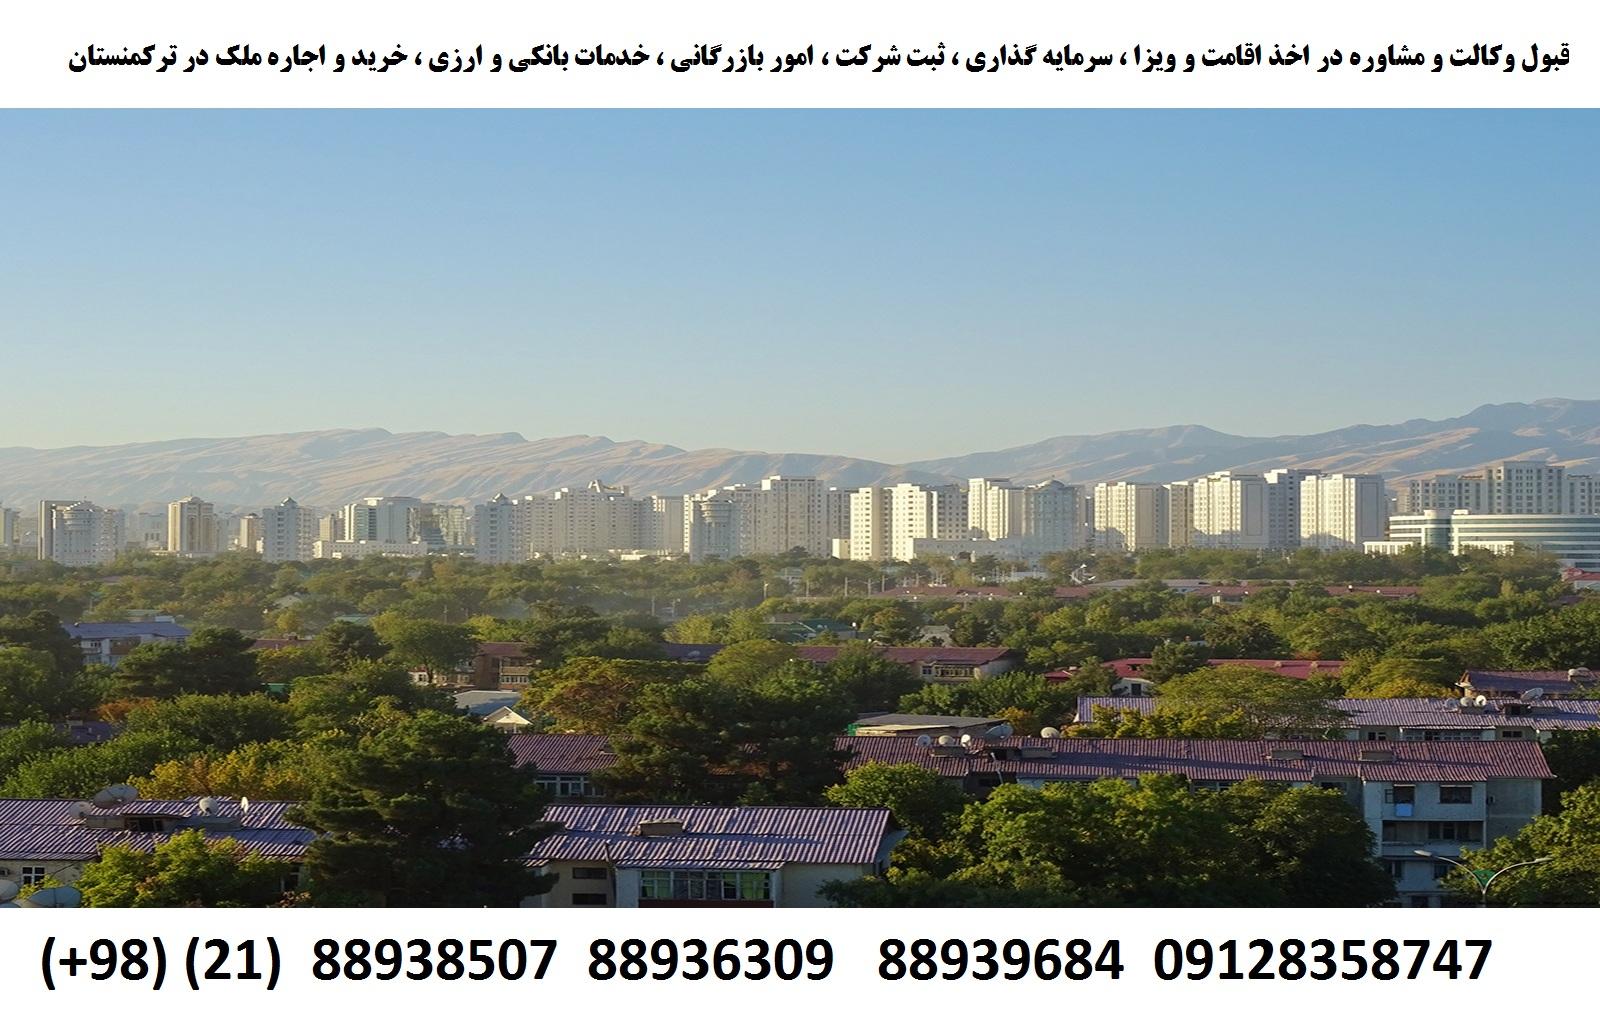 اقامت ، ویزا ، ثبت شرکت ، سرمایه گذاری در ترکمنستان (5)